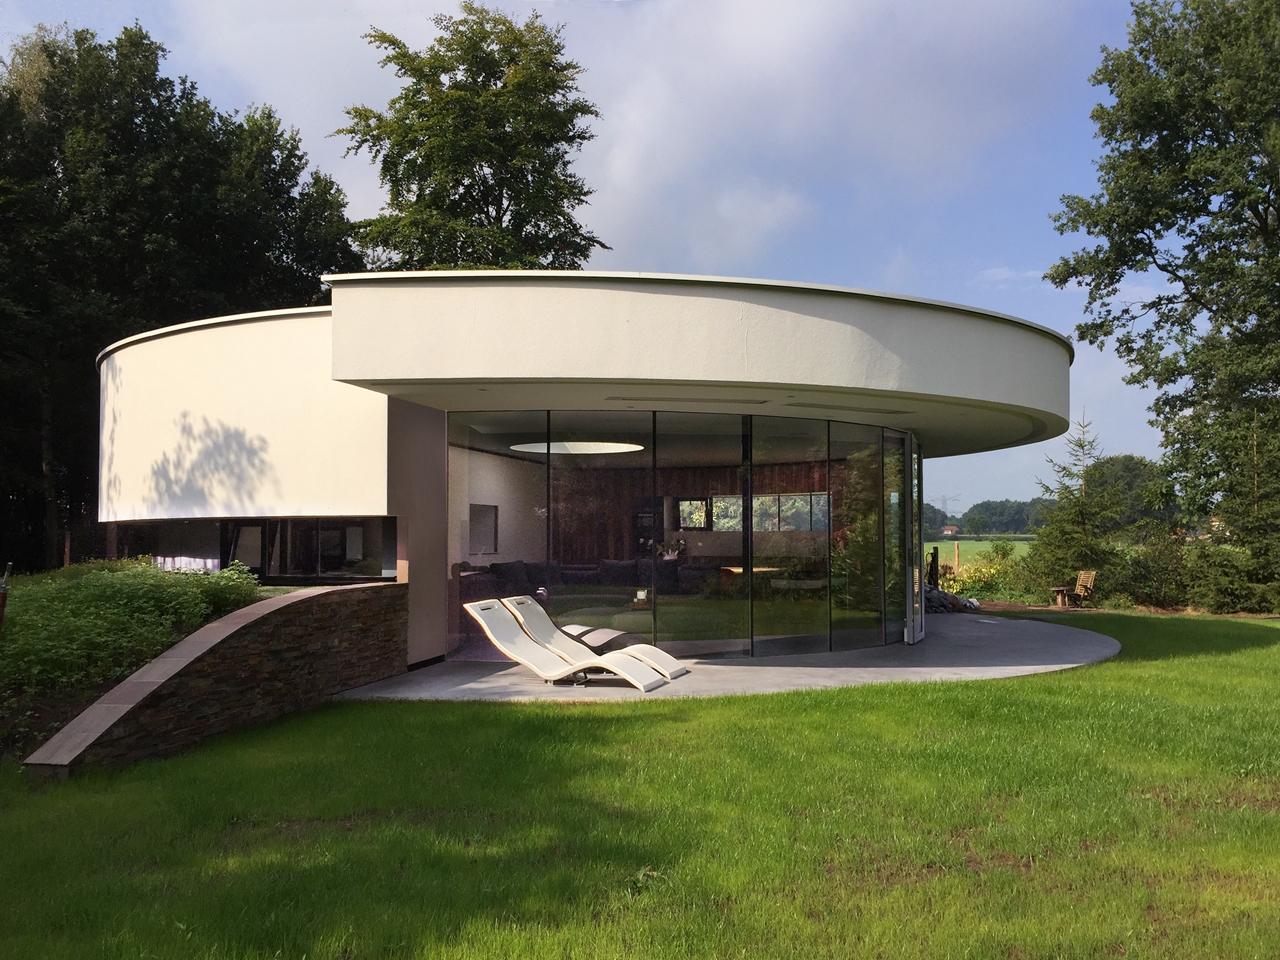 Best Kitchen Gallery: Round Shaped Home Design Round Designs of Round Home Designs  on rachelxblog.com